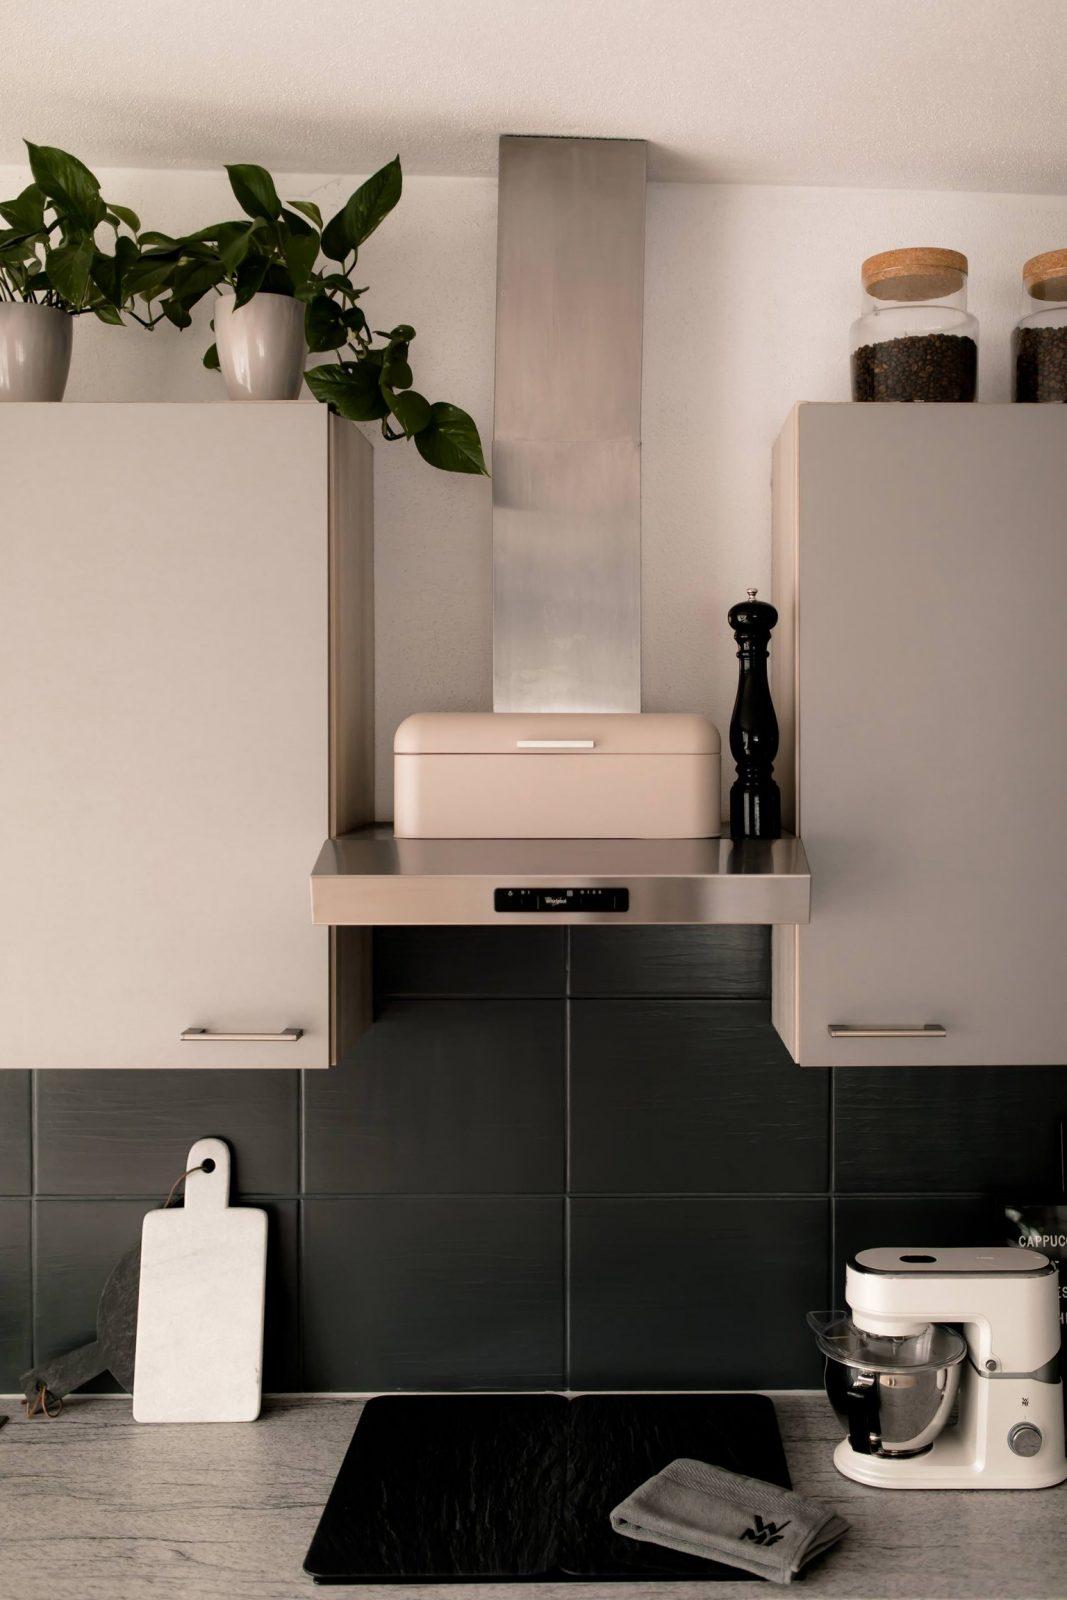 Küche Verschönern Mit Wenig Aufwand Mein Küchenmakeover Inkl von Küche Neu Gestalten Renovieren Photo